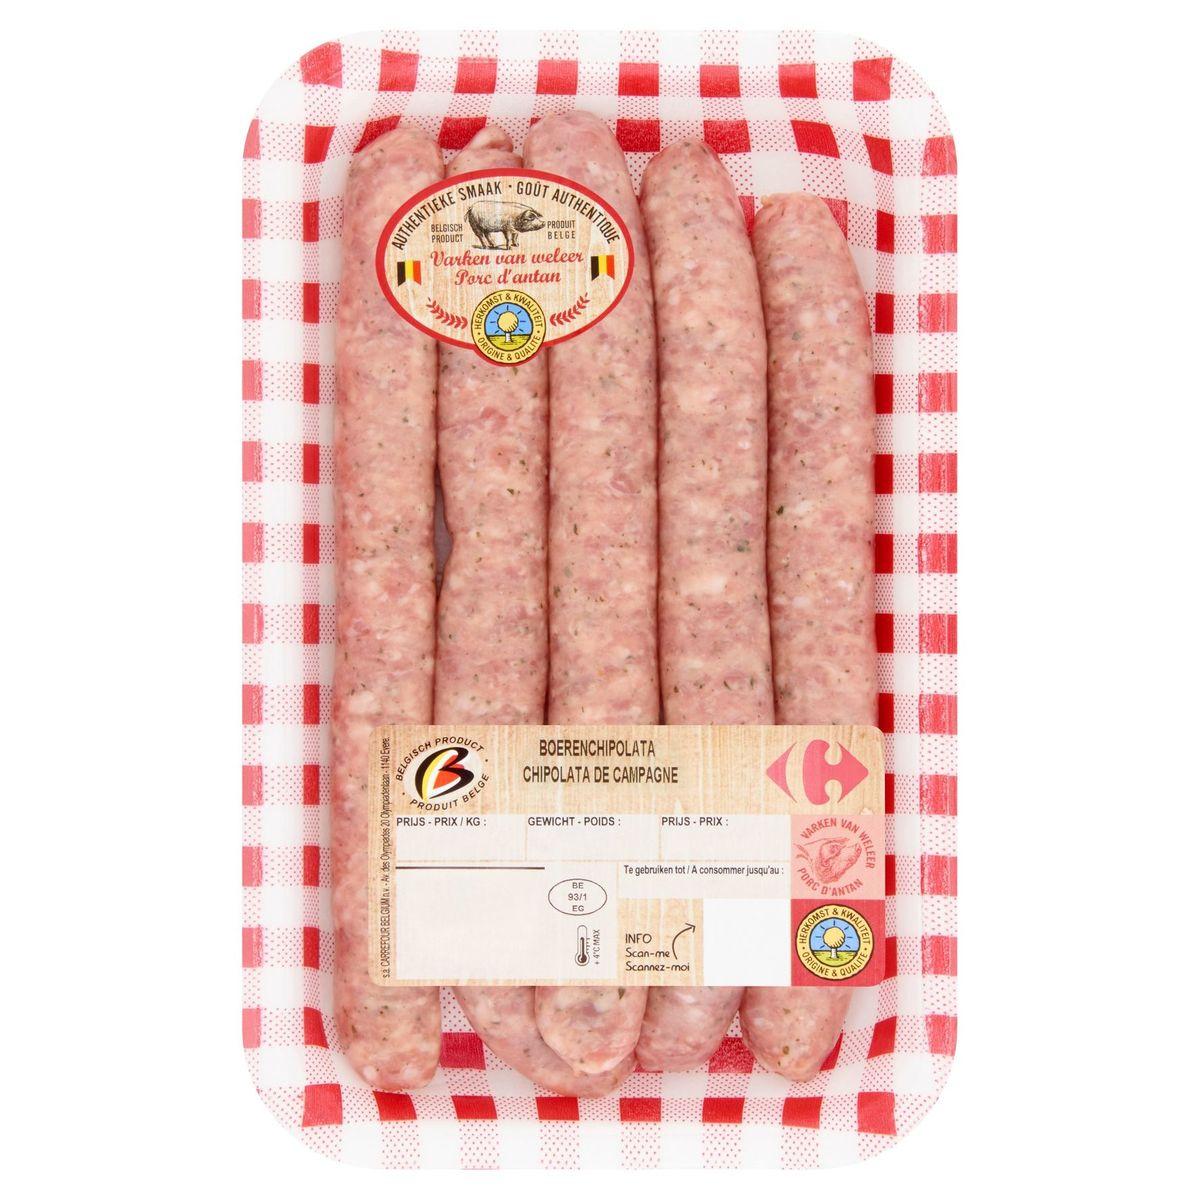 Carrefour Chipolata de Campagne 0.364 kg